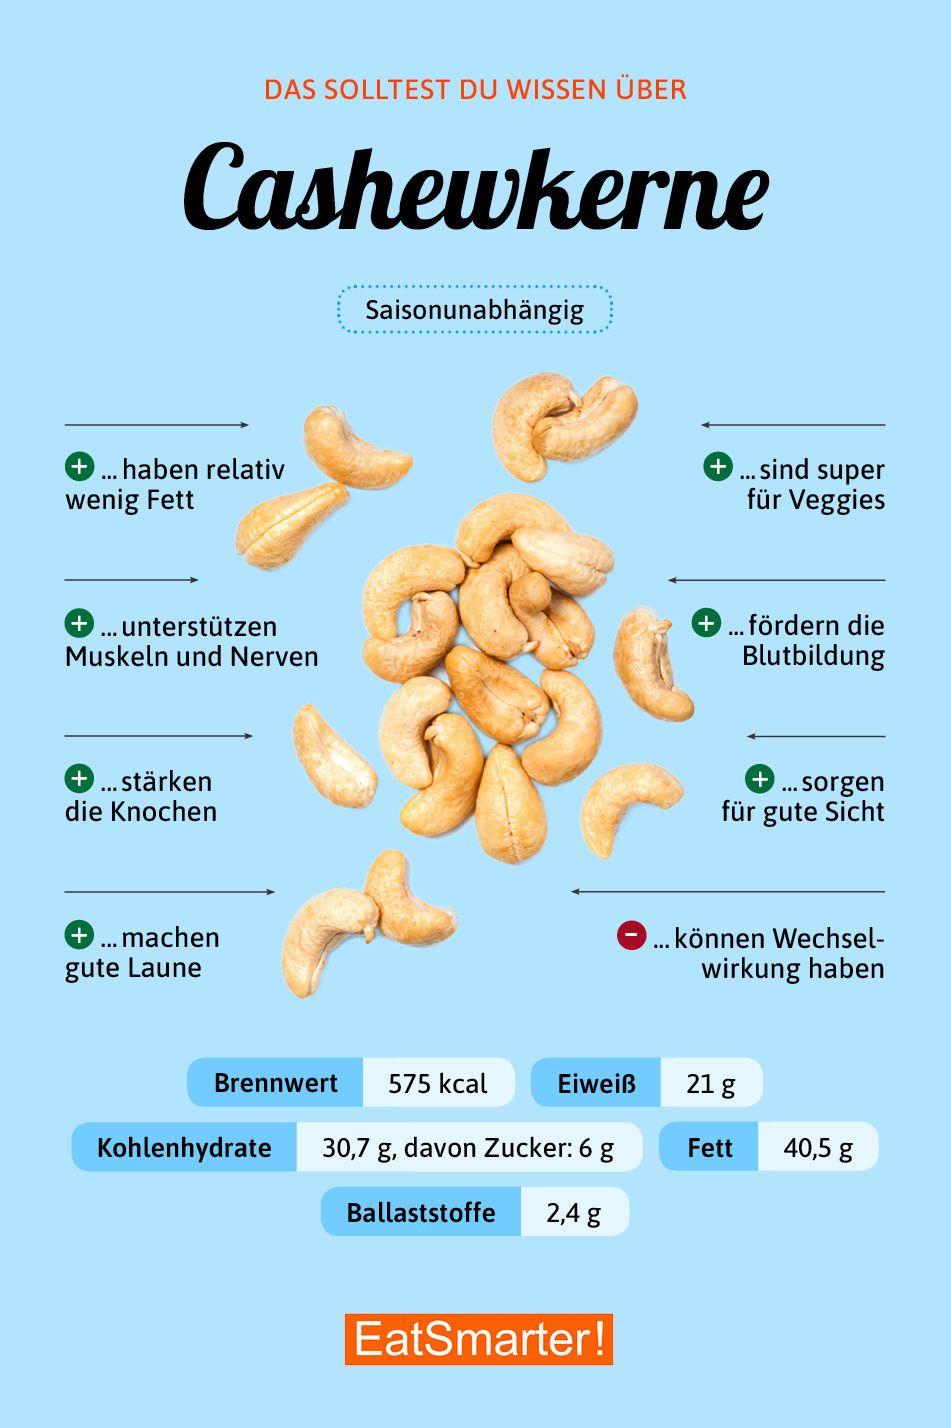 Cashewkerne Ernahrung Nahrungsinformationen Gesunde Nahrungsmittel